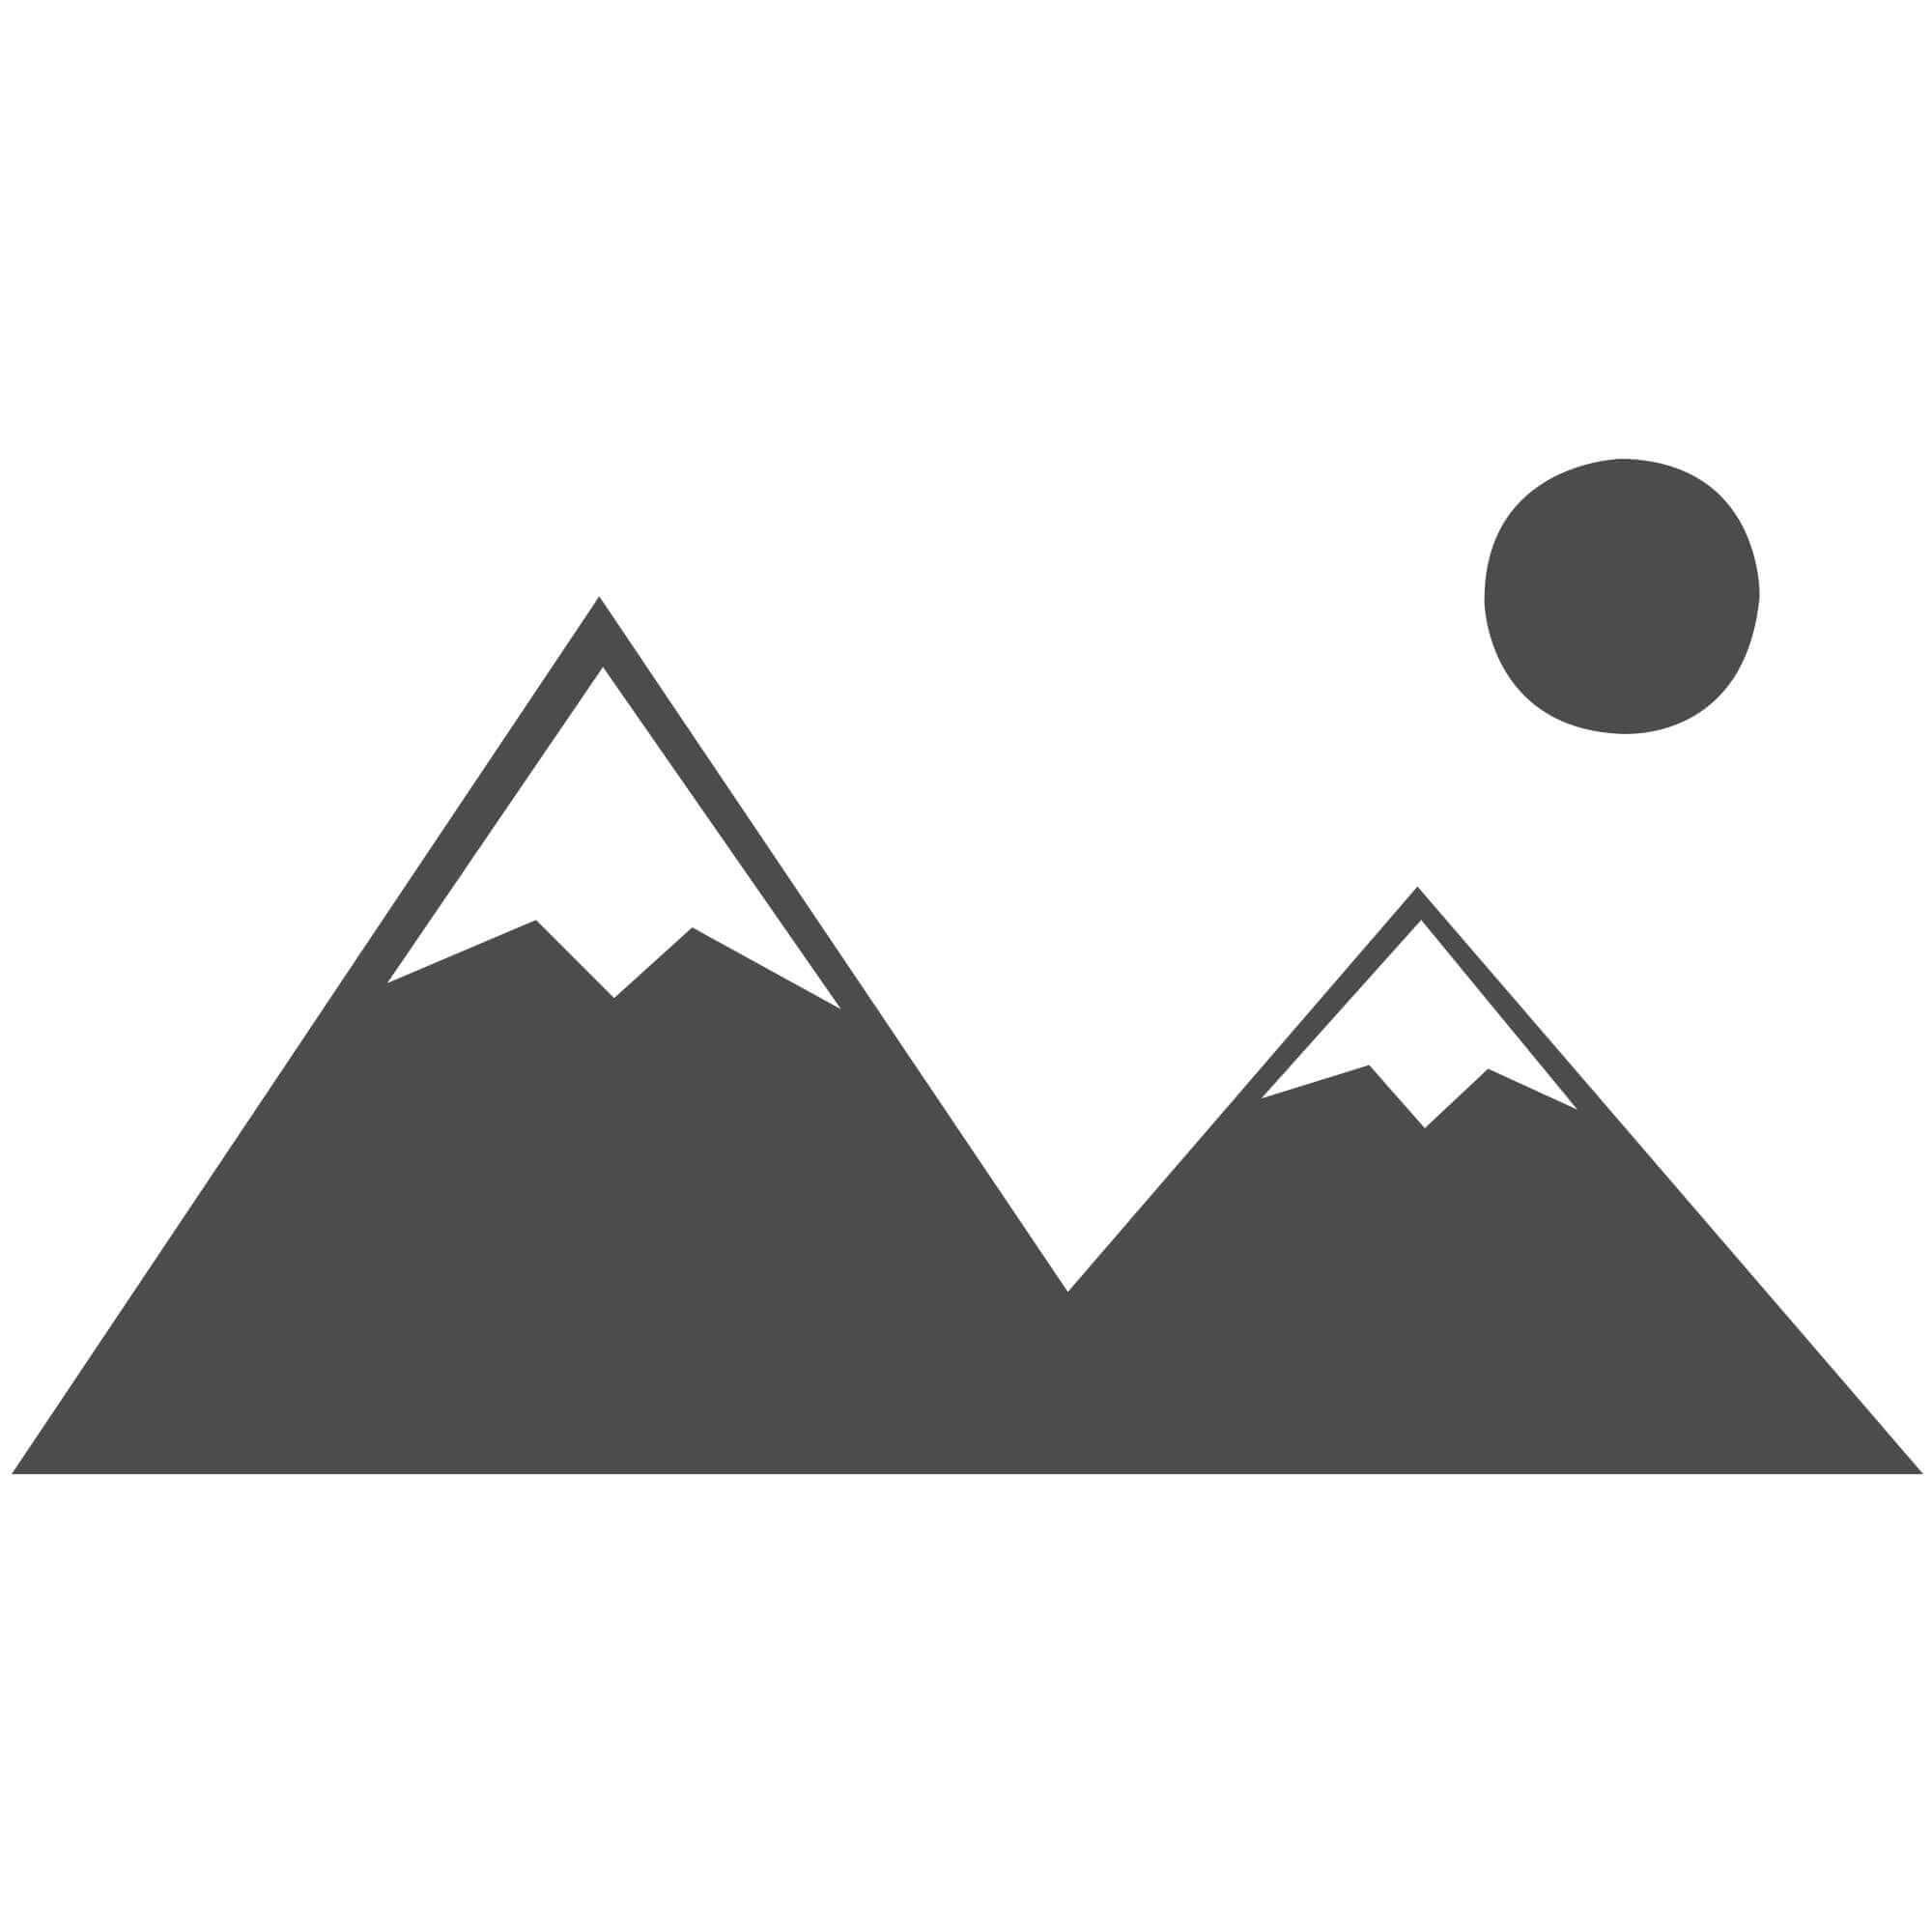 Shaggy Rug - Silver - Size 160 x 220 cm